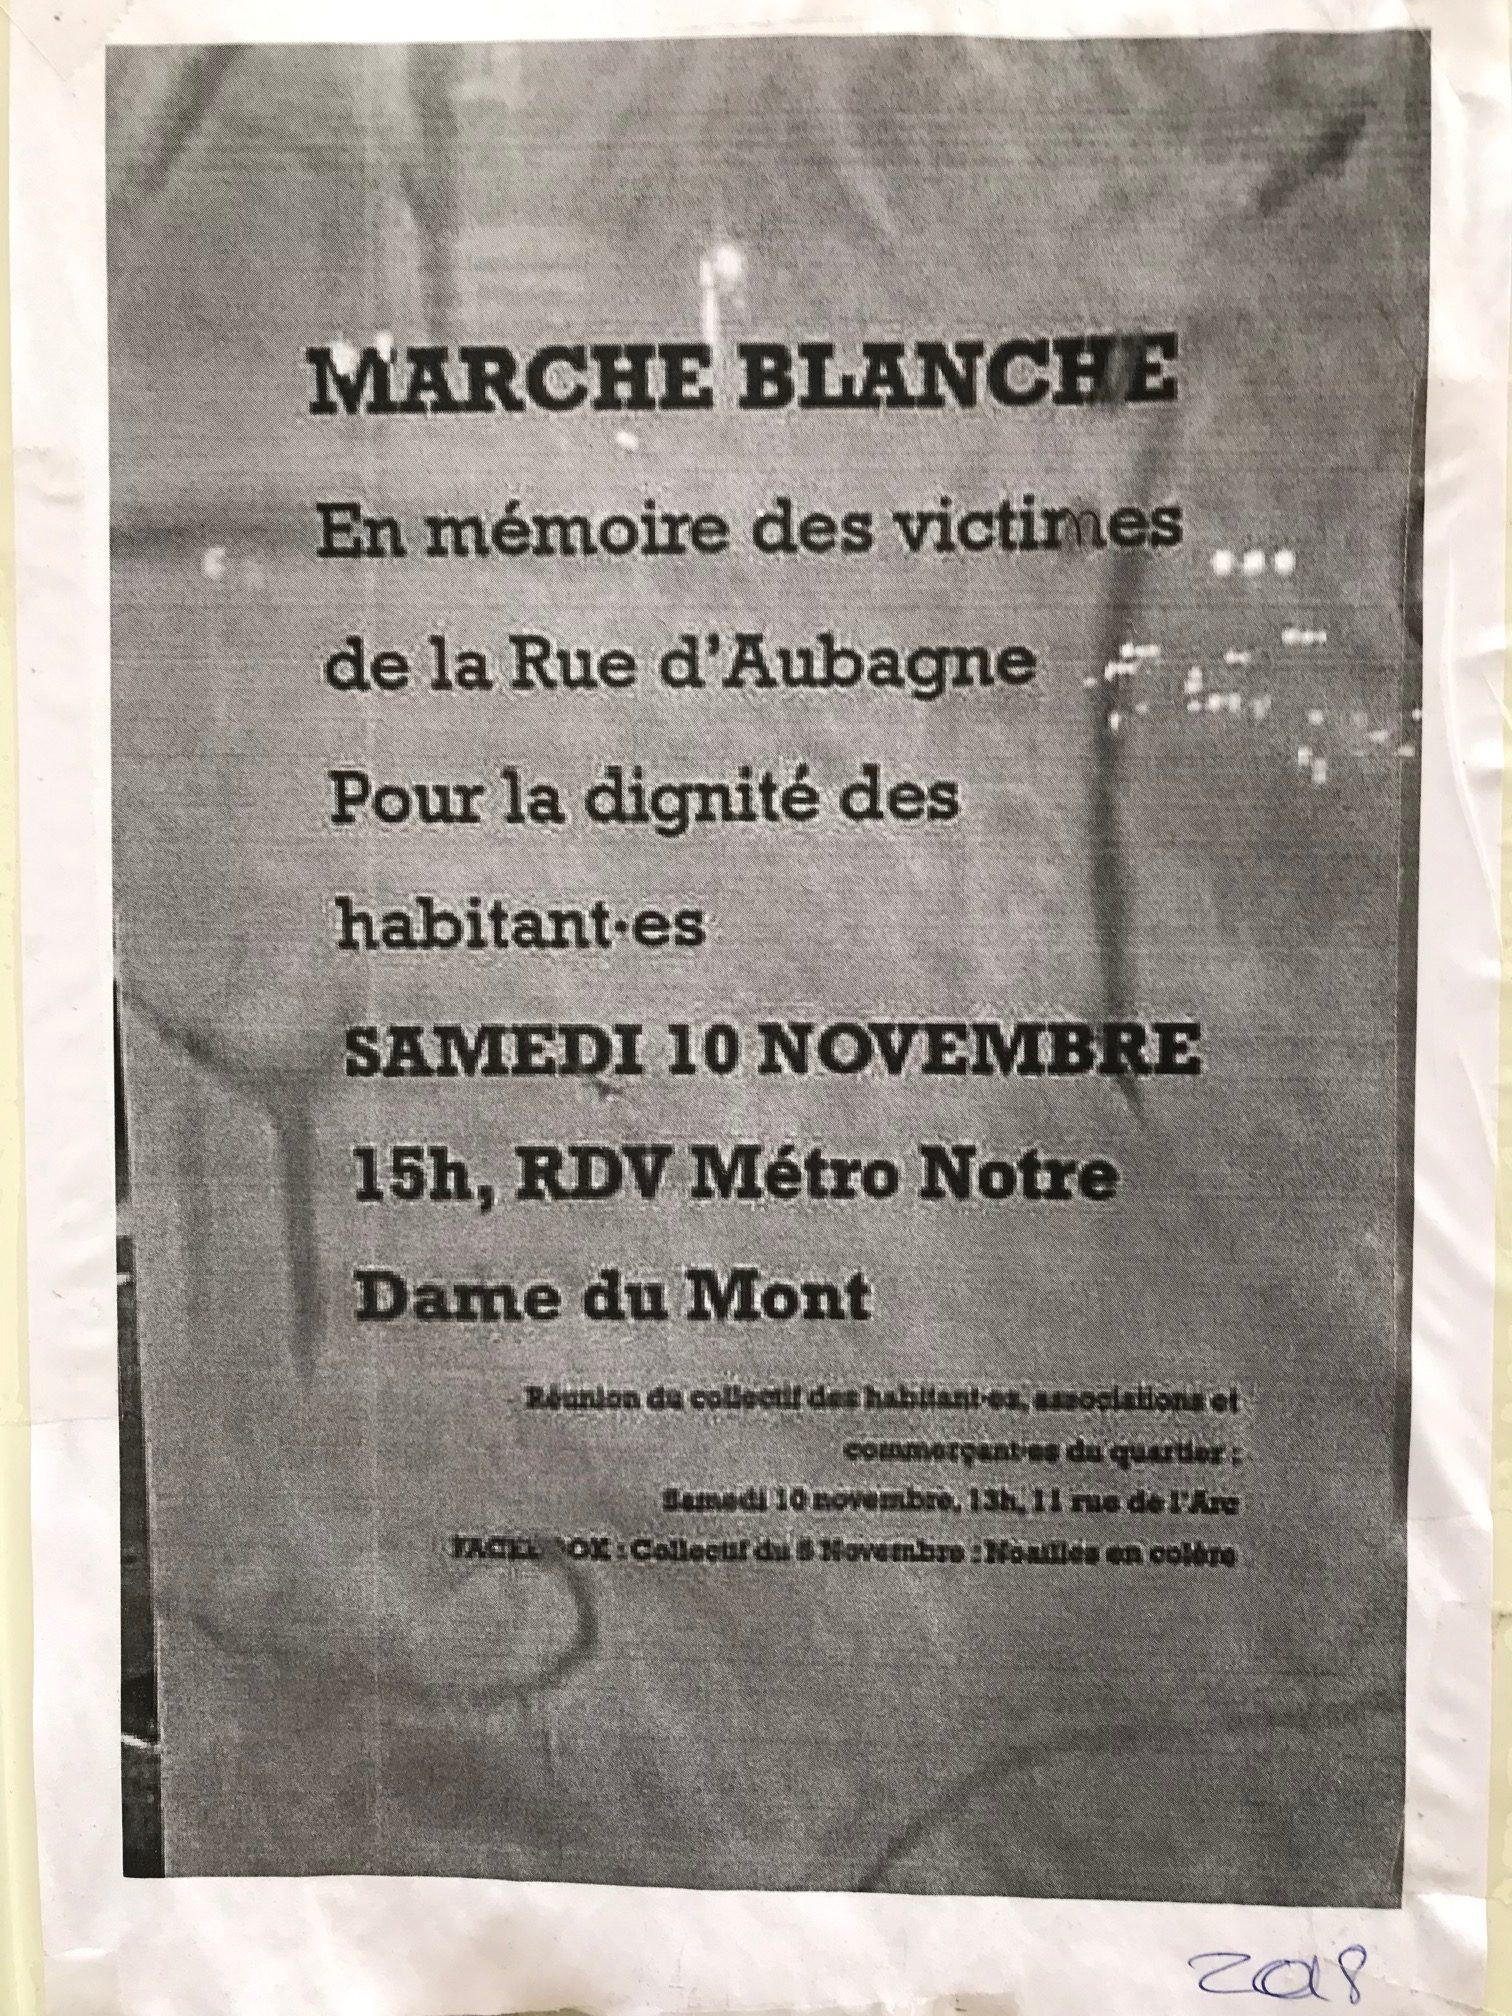 Marche Blanche 10 nov 18